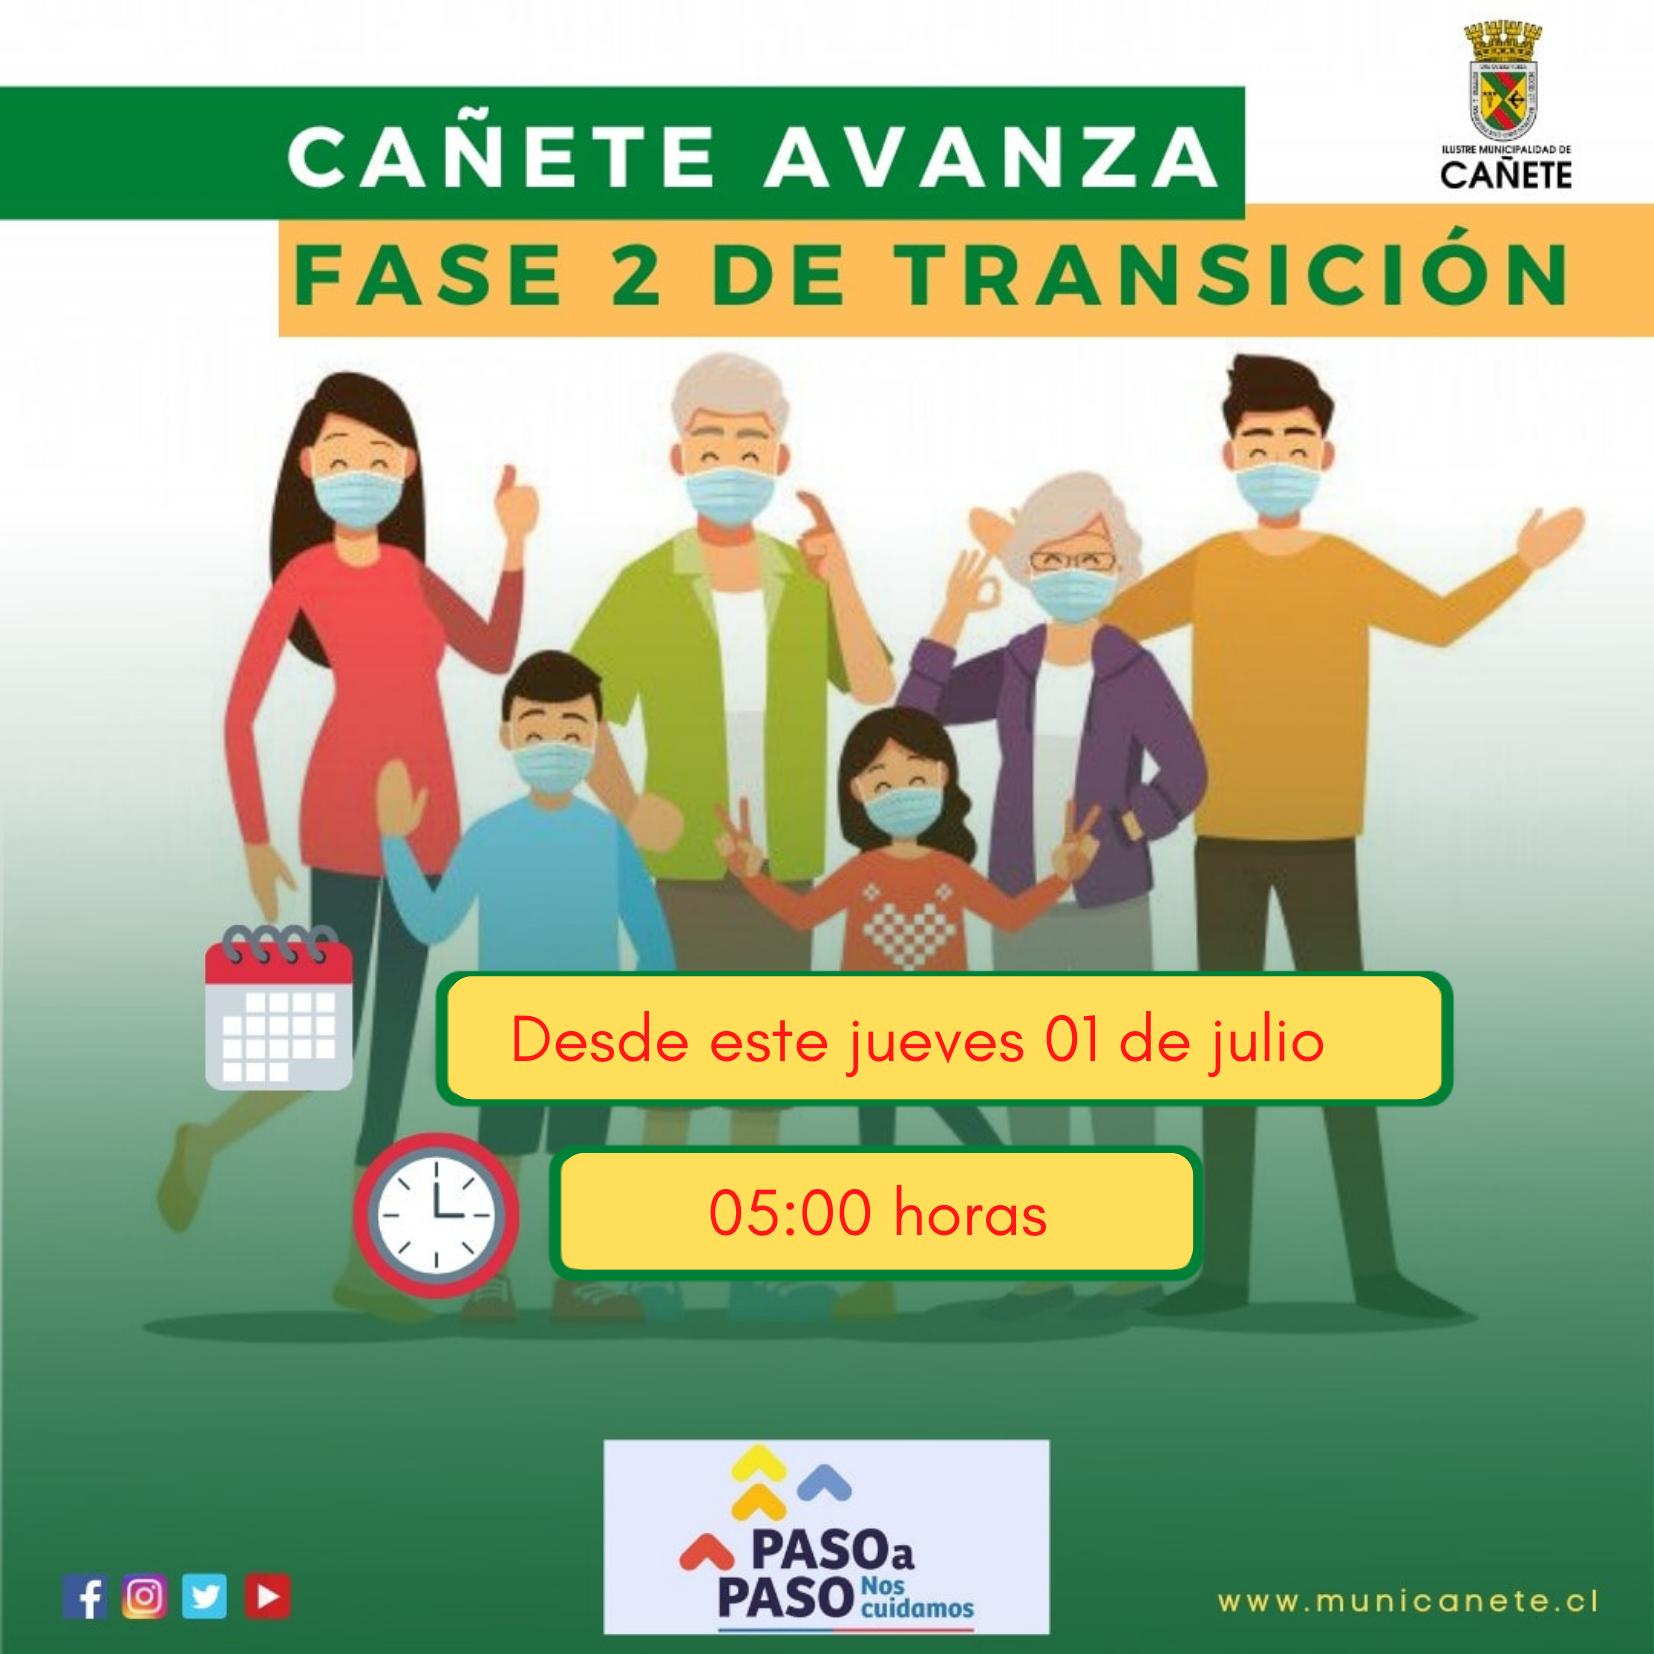 CAÑETE AVANZA A FASE DE TRANSICIÓN DESDE ESTE JUEVES 01 DE JULIO